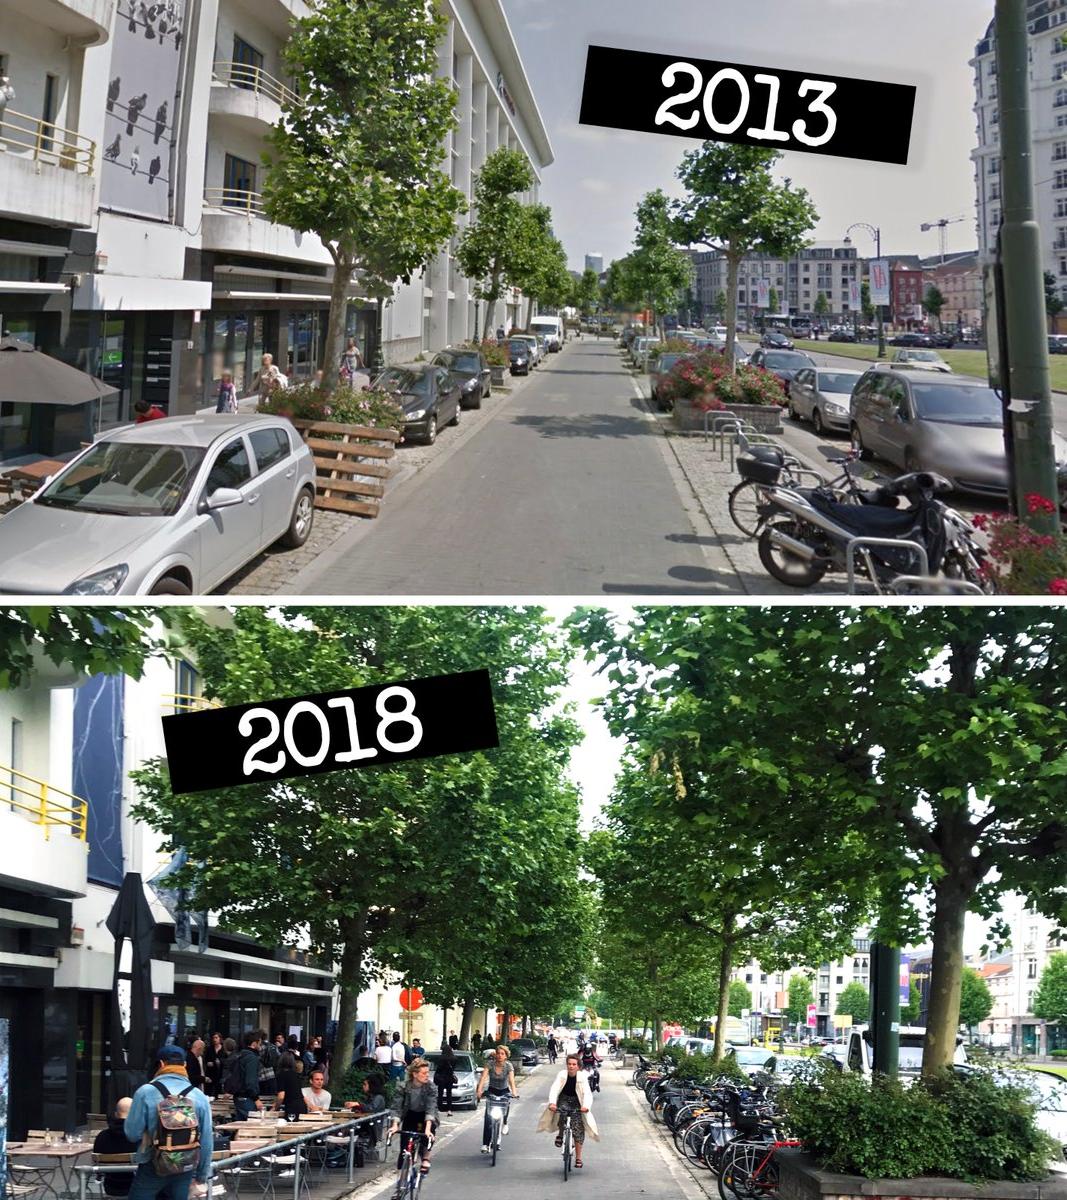 Без компромиссов: эксперты из Нидерландов предлагают сделать Брест велосипедным